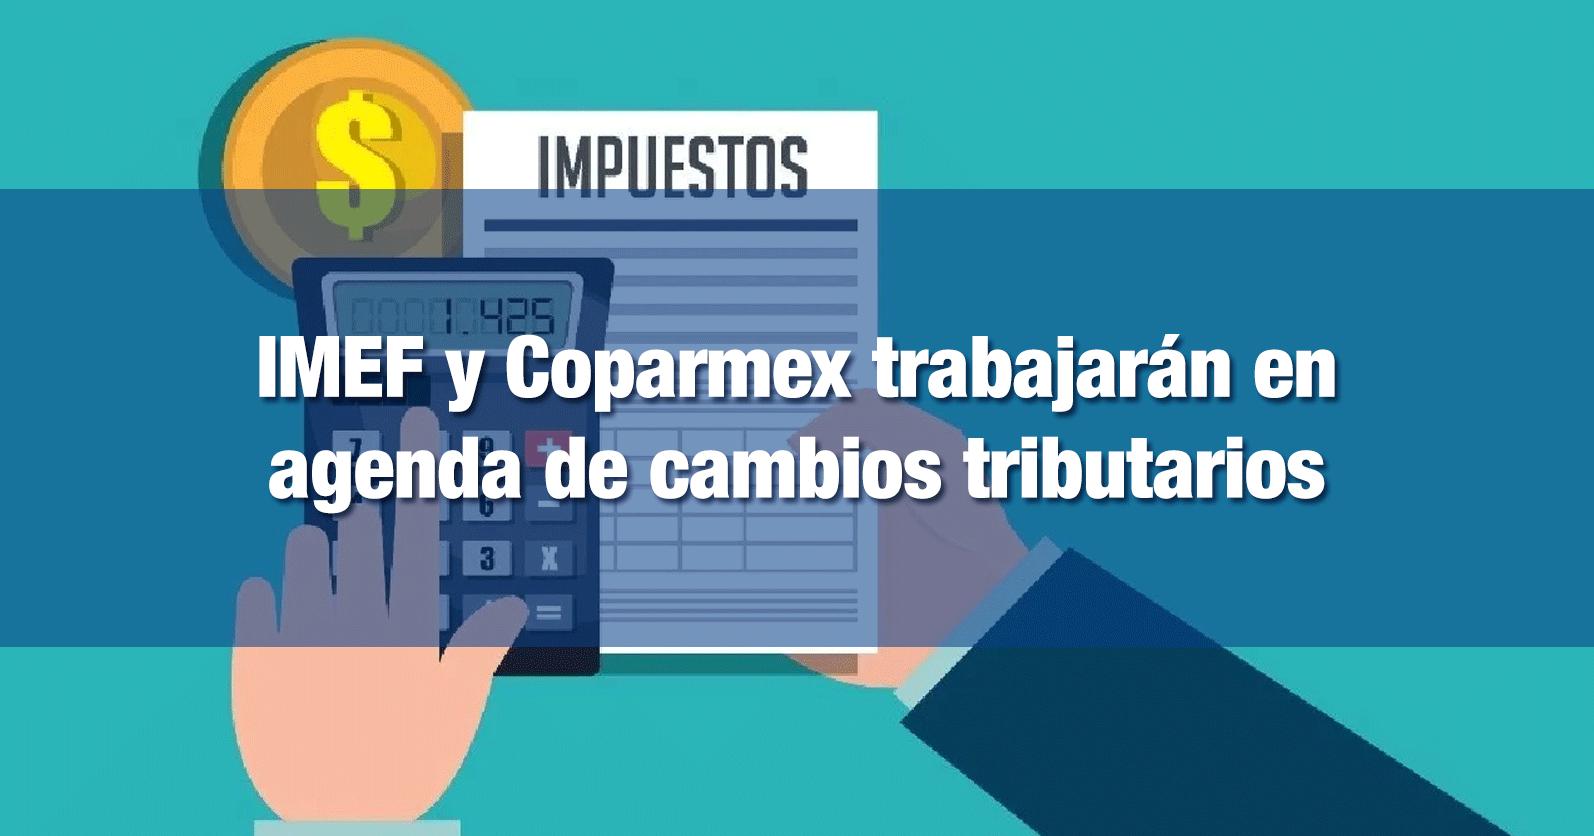 IMEF y Coparmex trabajarán en agenda de cambios tributarios